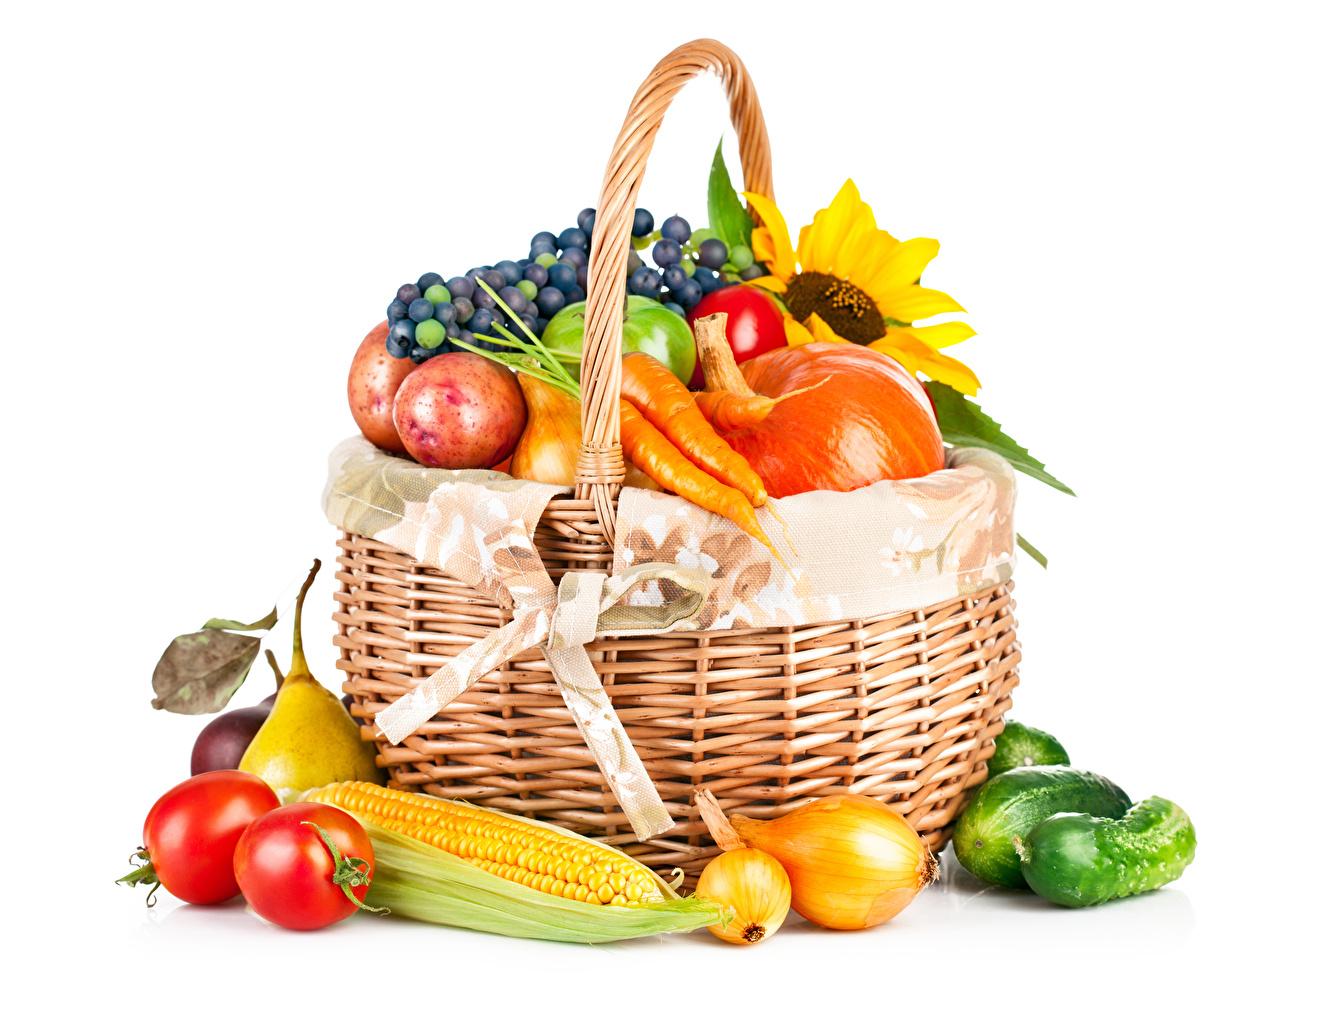 Bilder von Gurke Tomate Kukuruz Zwiebel Weidenkorb Gemüse Lebensmittel Weißer hintergrund Mais Tomaten das Essen